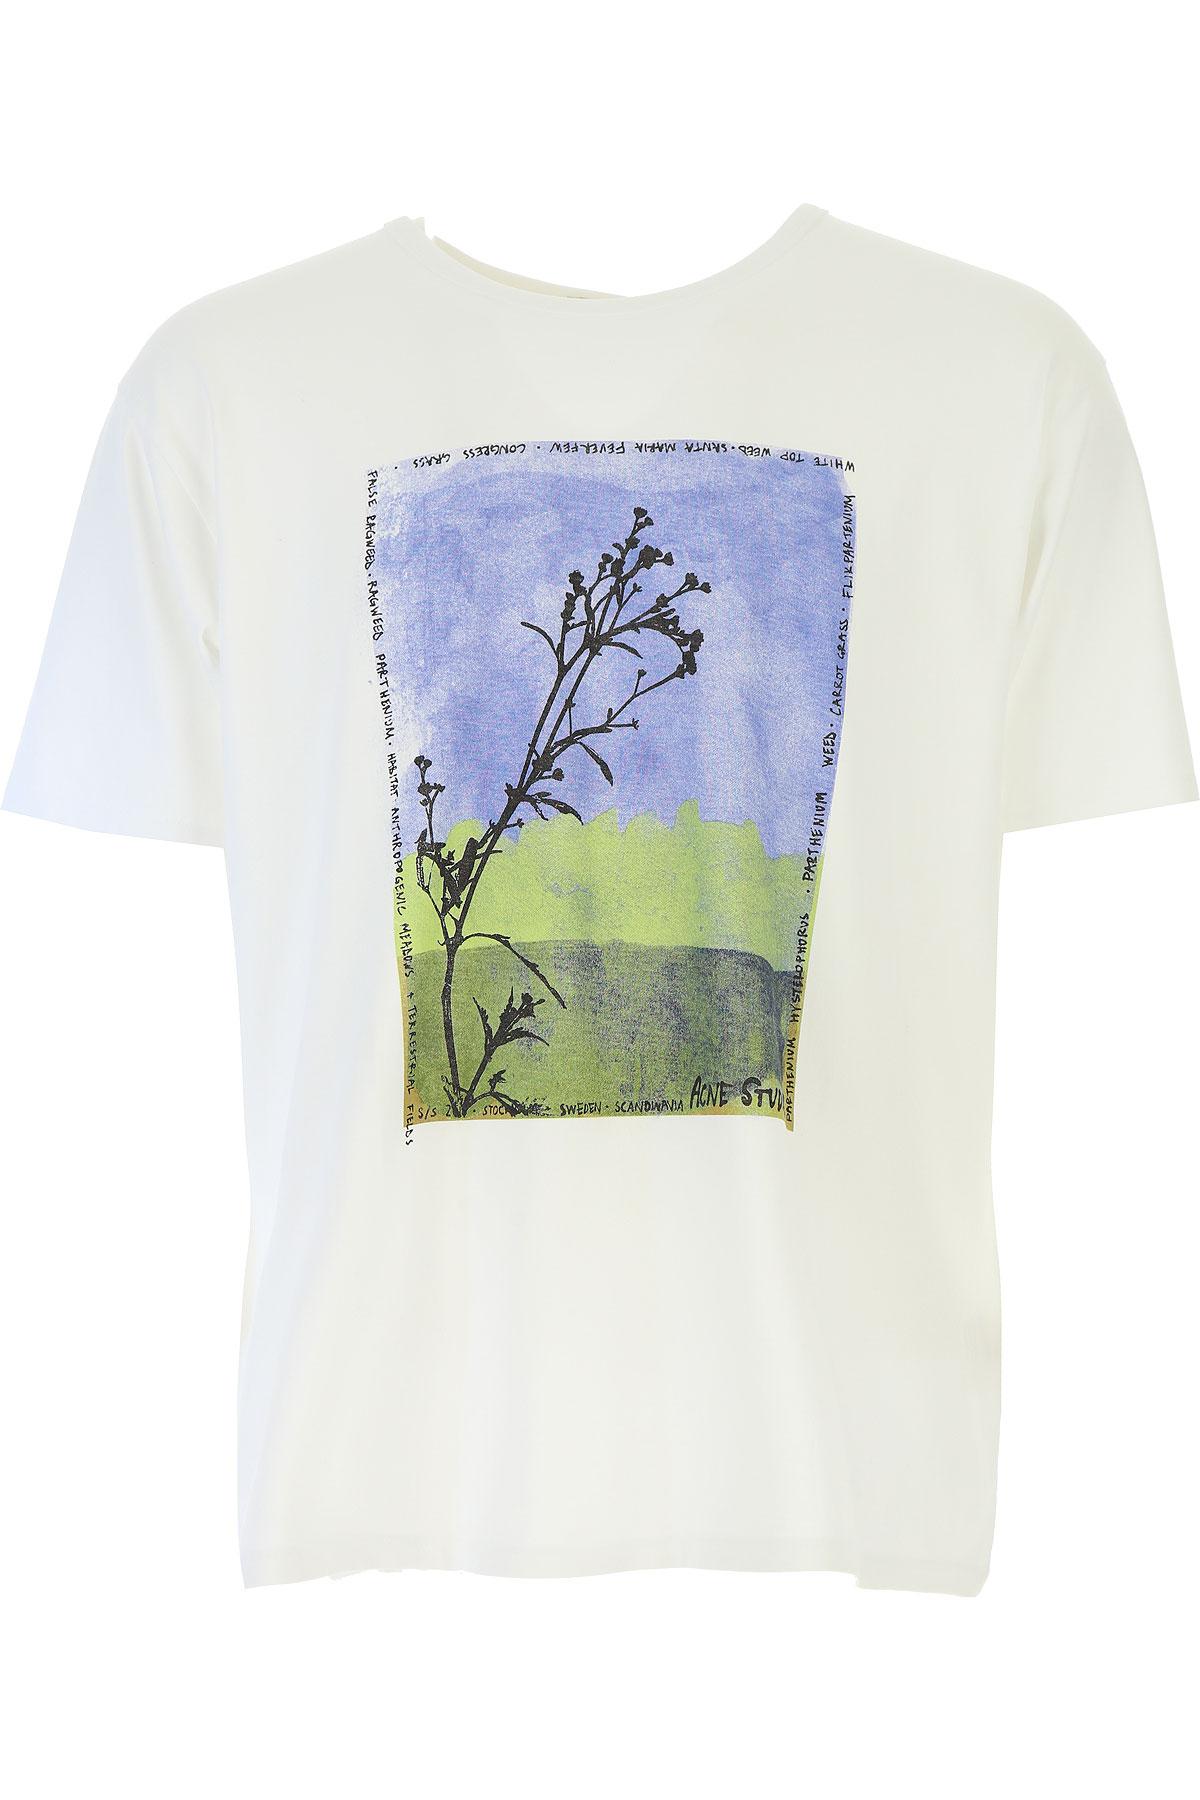 Image of Acne Studios T-Shirt for Men On Sale, White, Cotton, 2017, L M XL